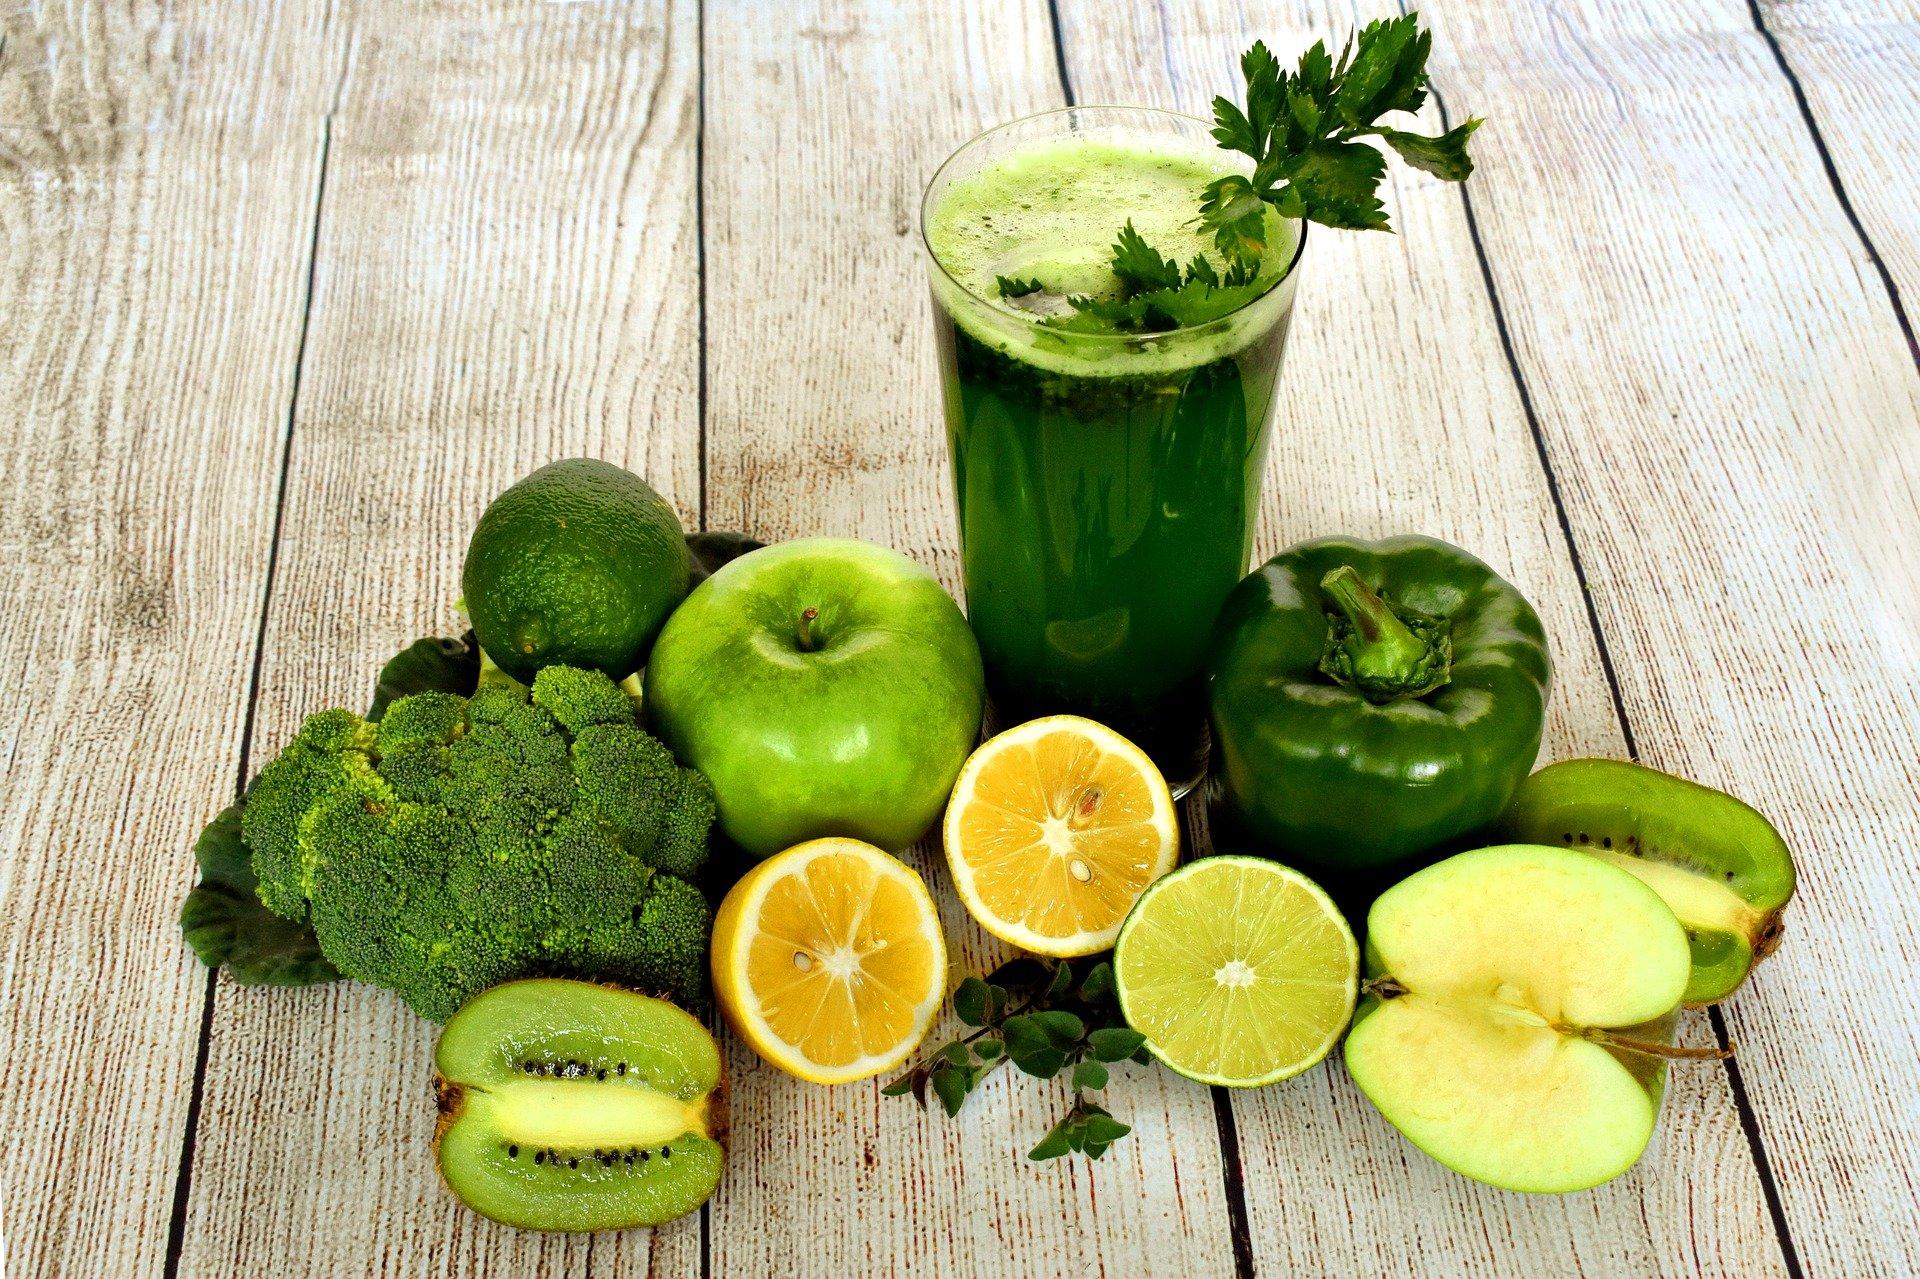 Vegetarische of veganistische voeding